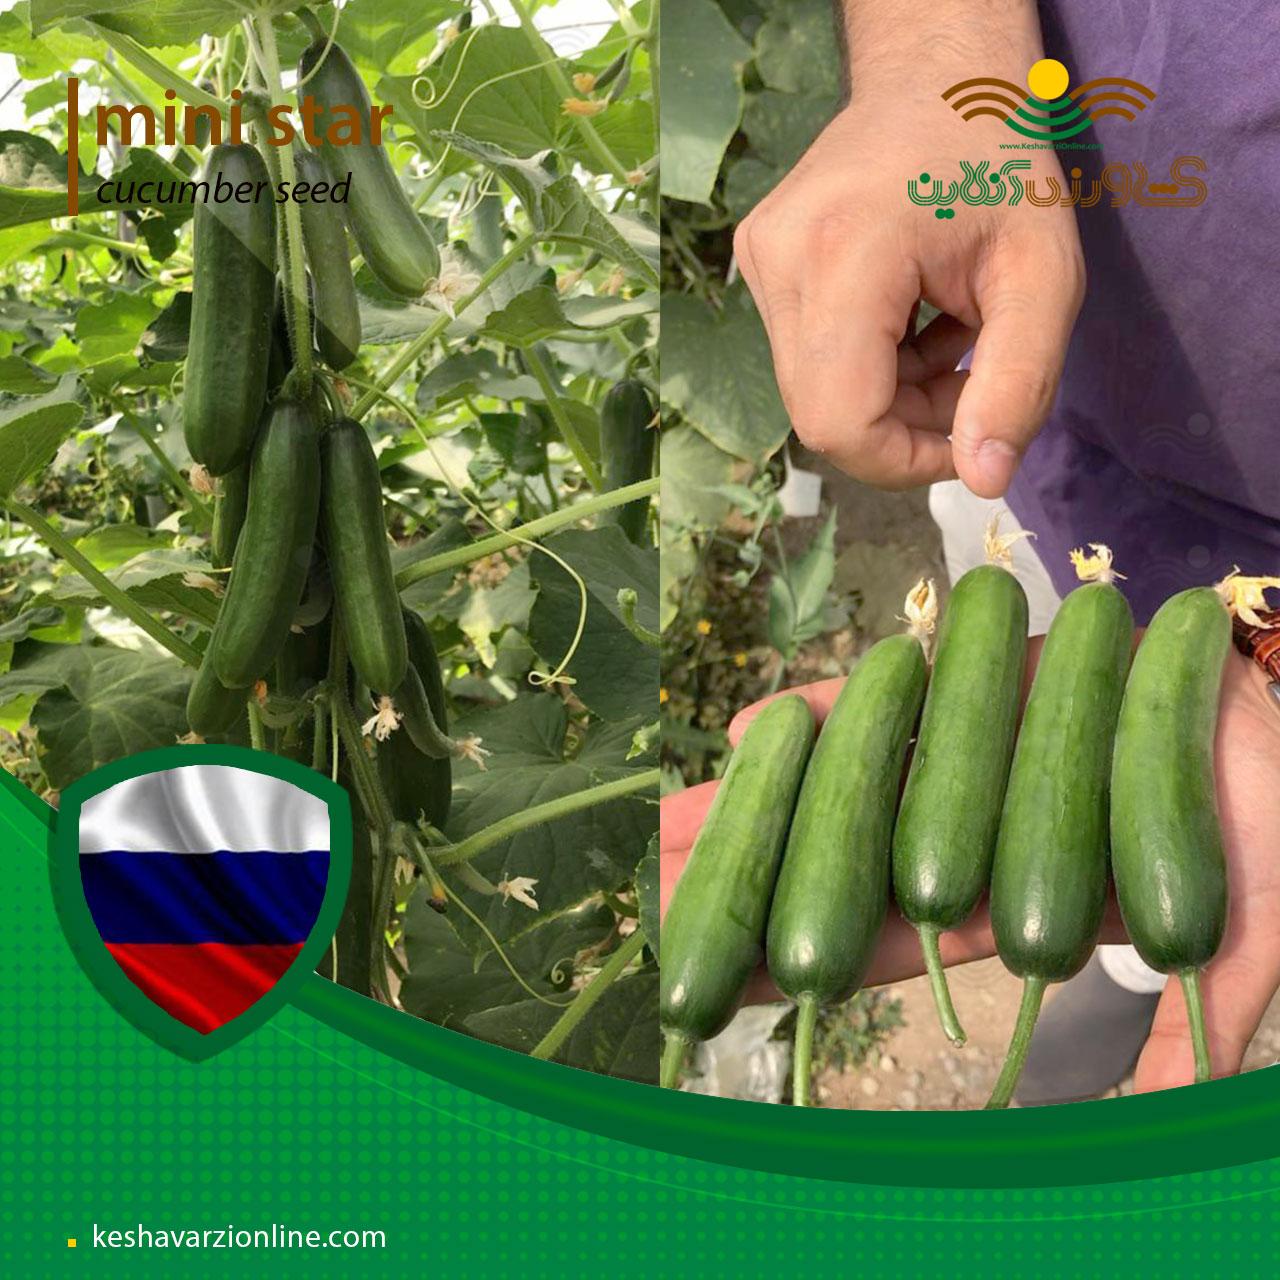 بذر خیار گلخانه ای مینی پرگل مینی استار